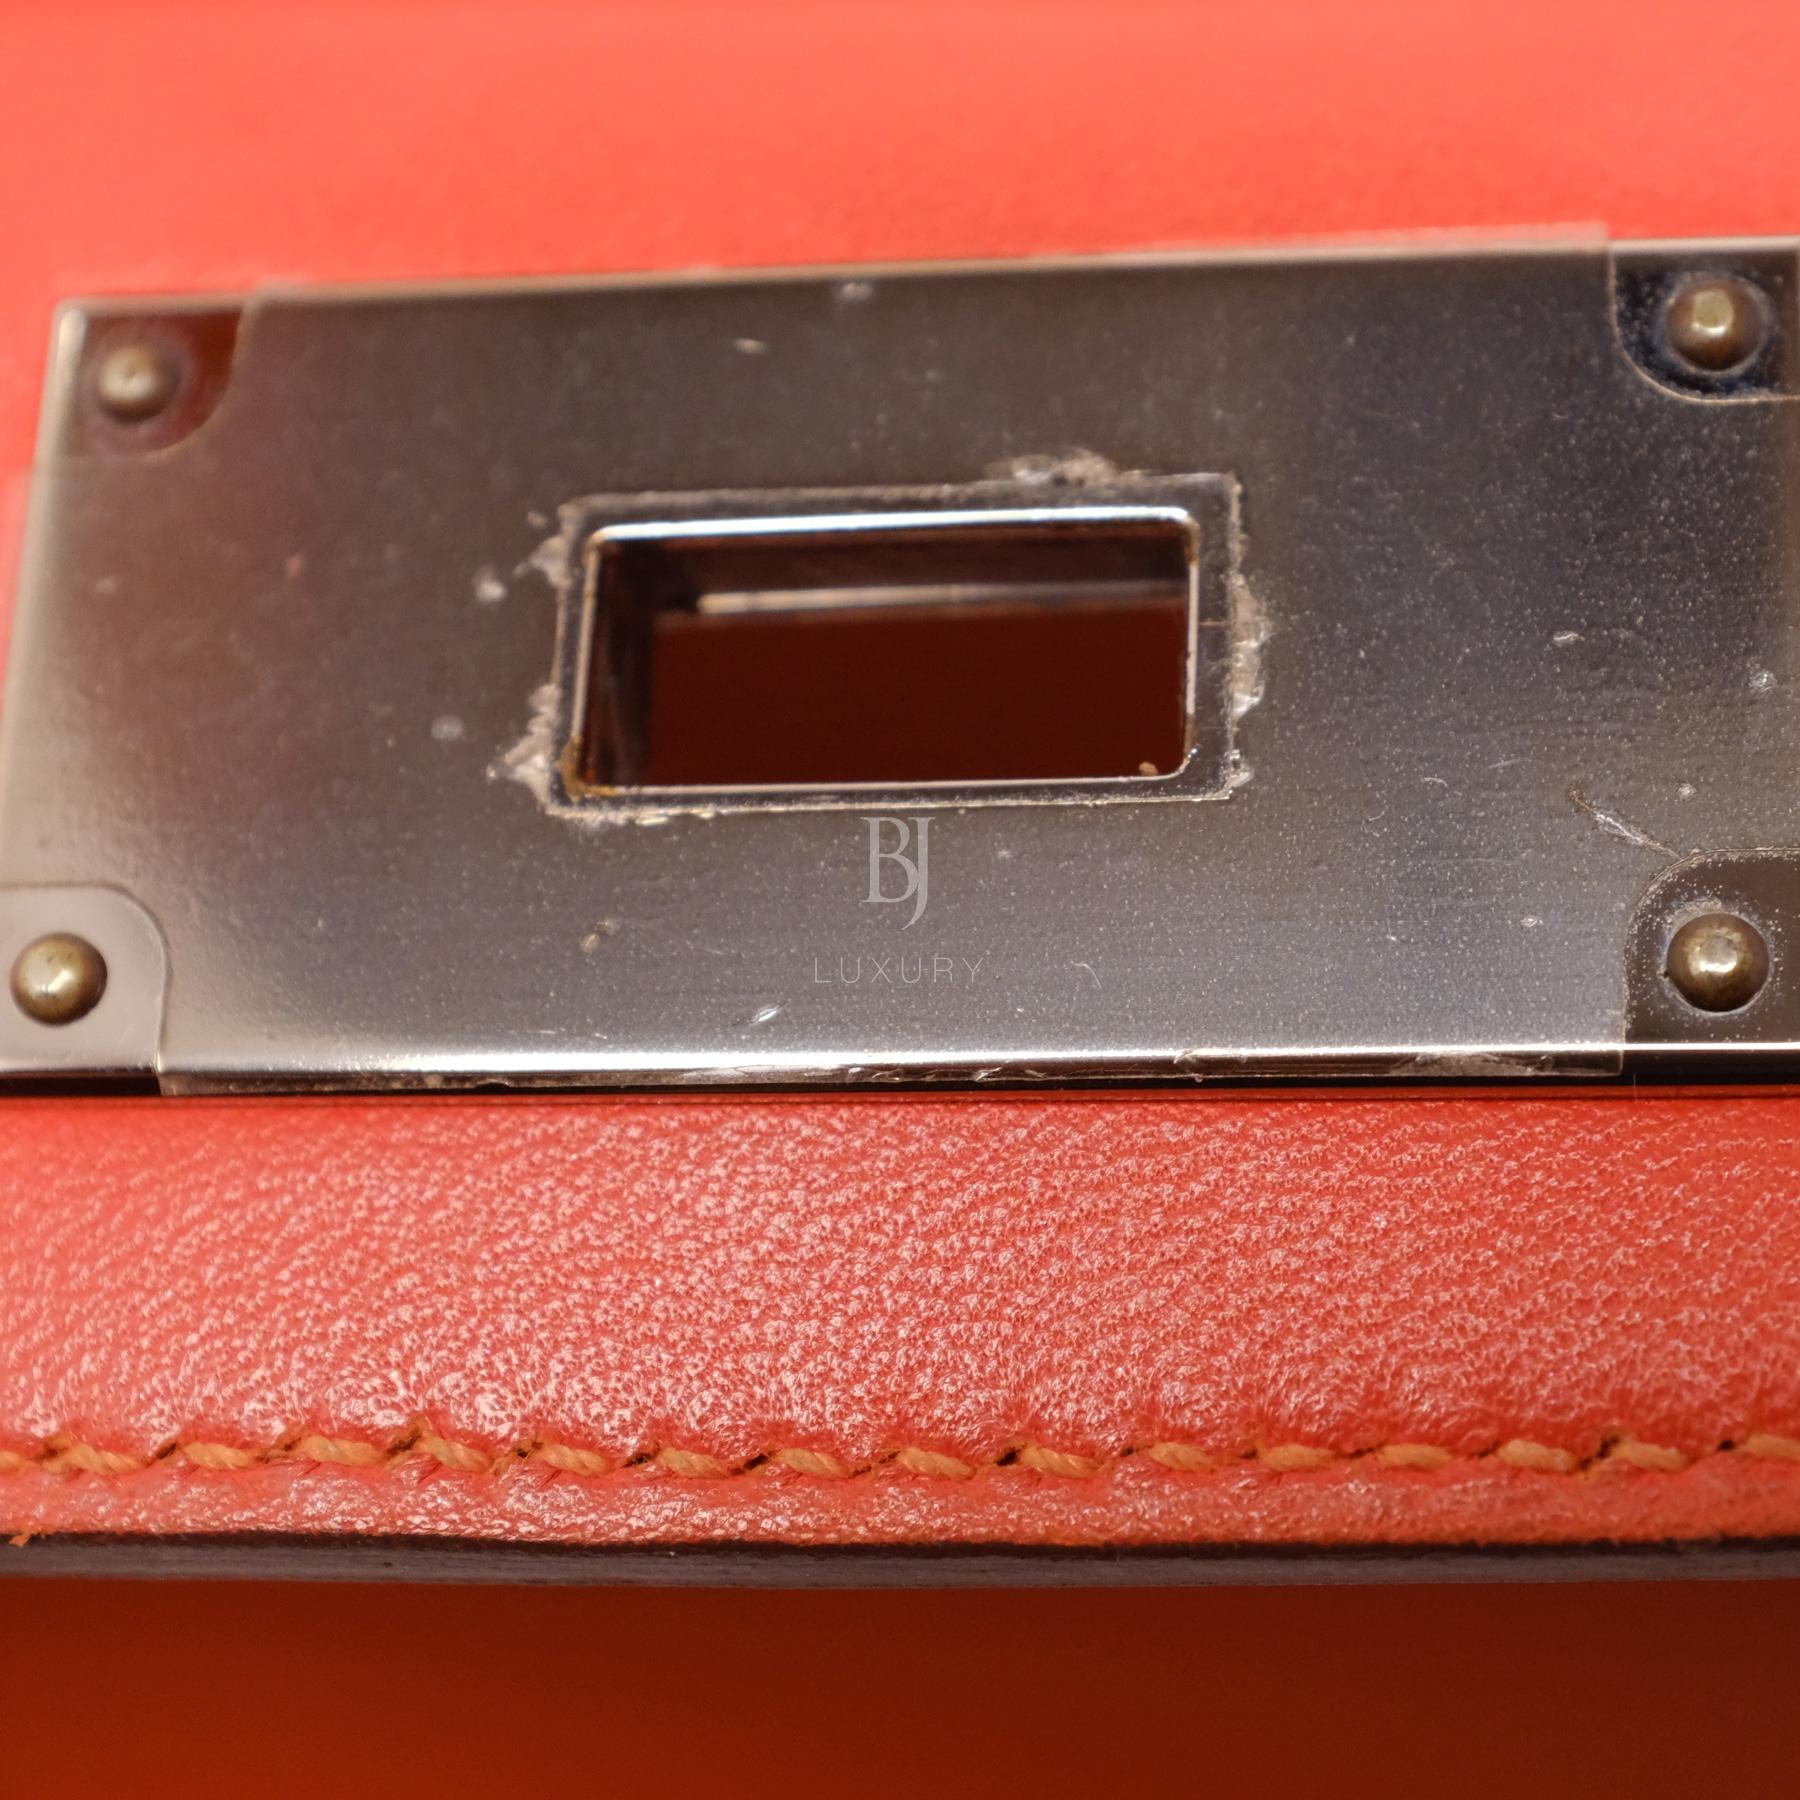 DSCF8389.jpg